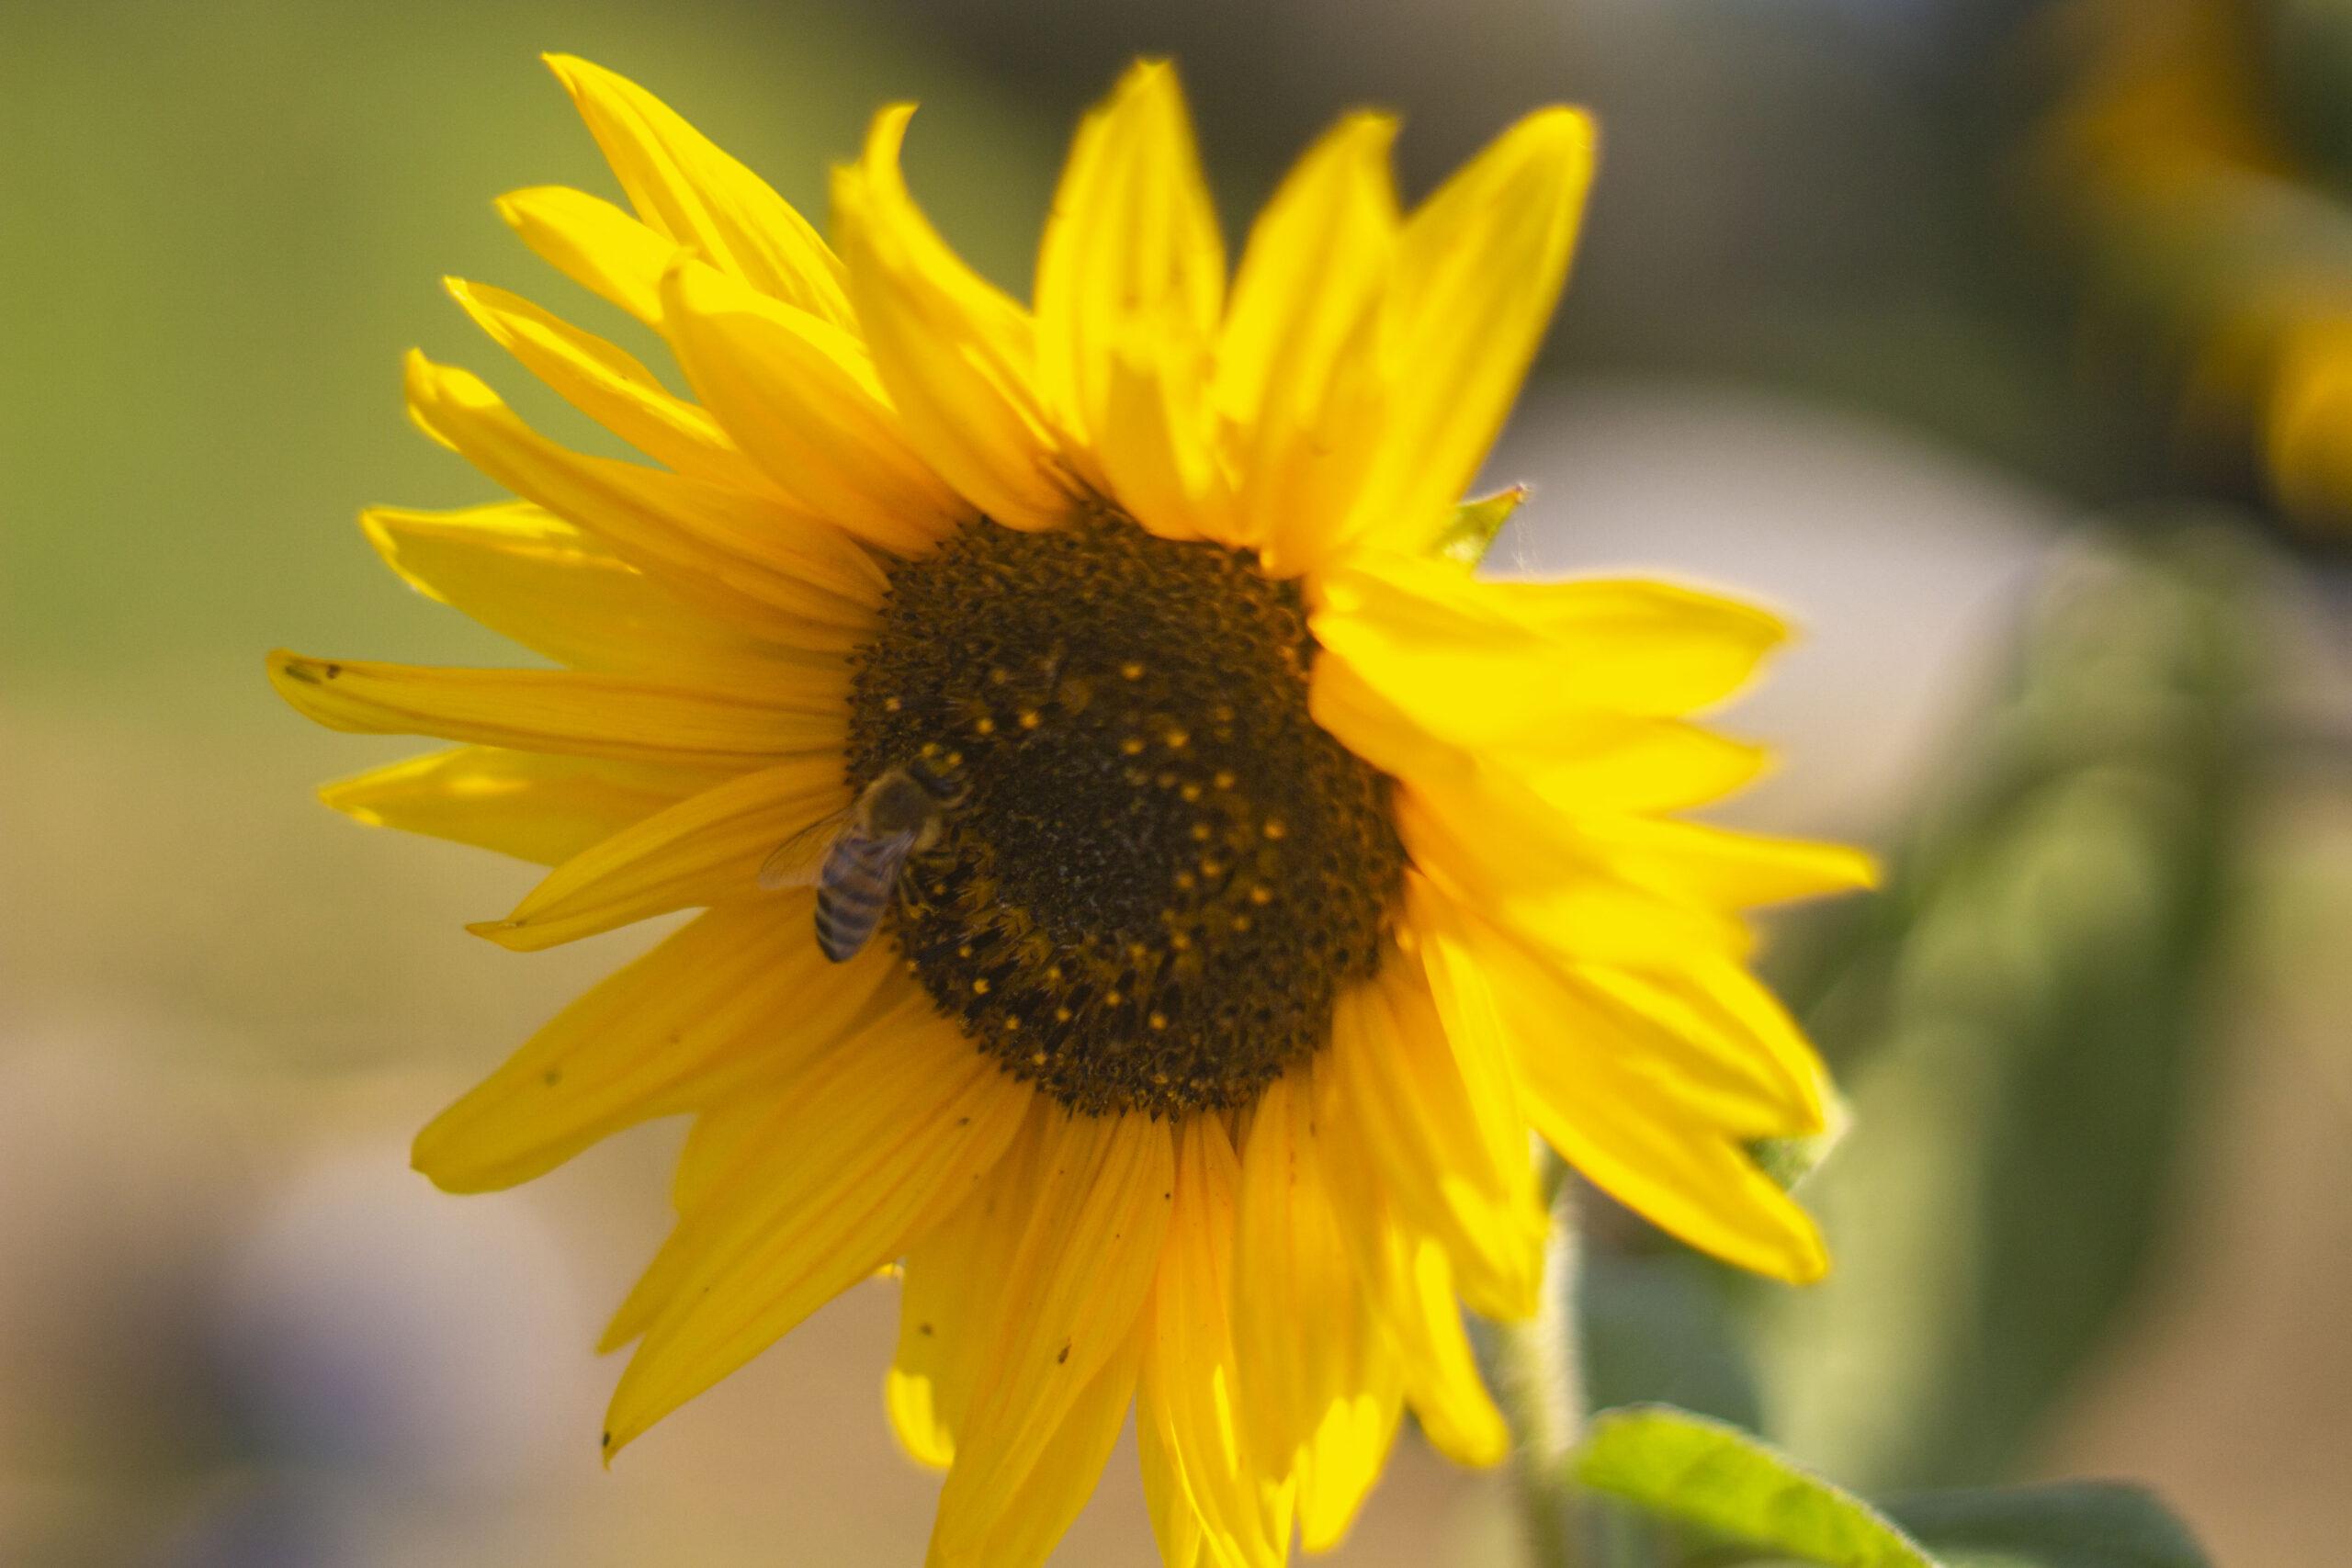 Fra forspiring til udplantning af solsikke